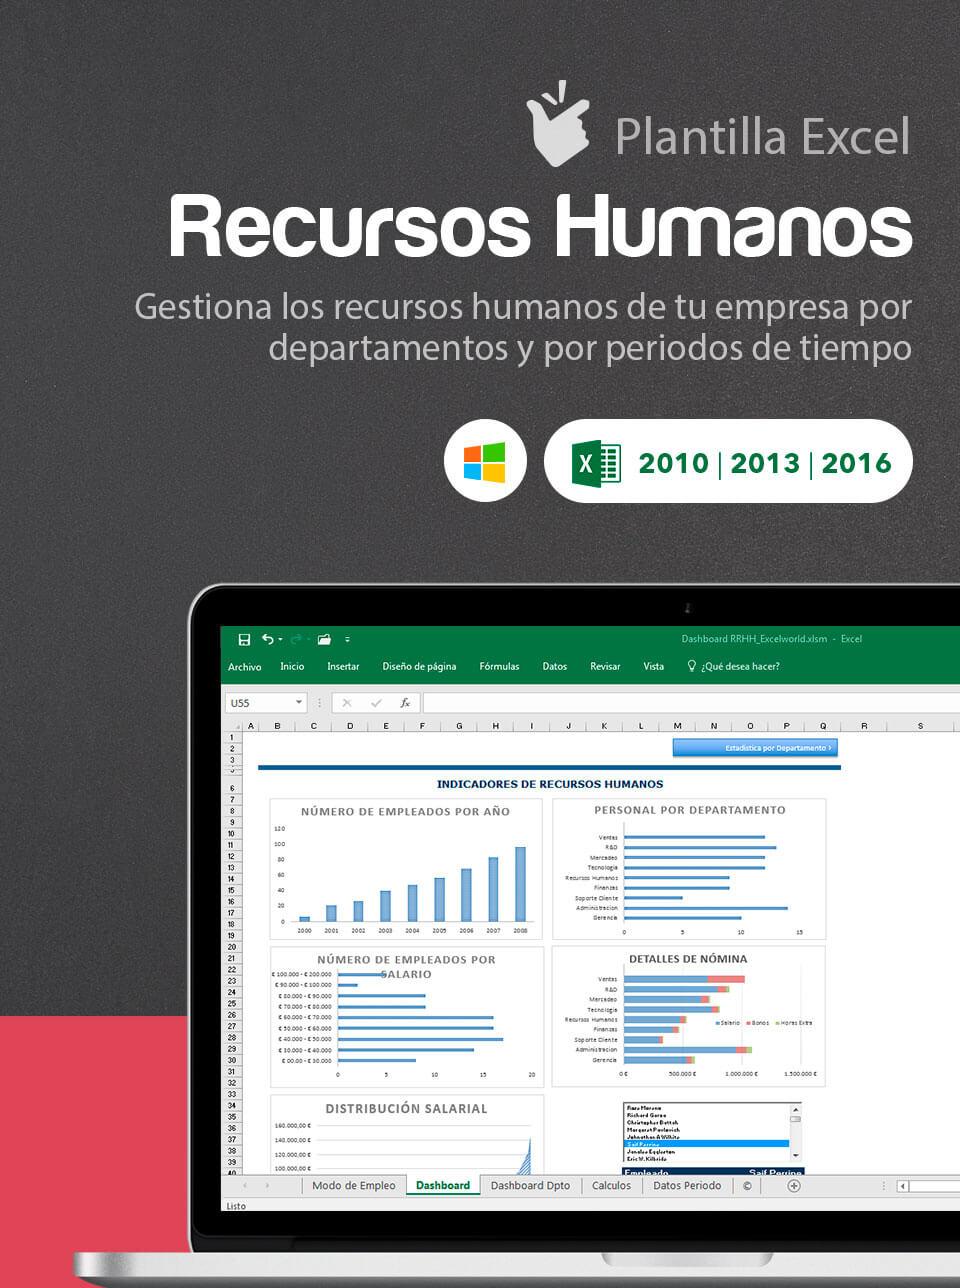 Plantilla Dashboard Recursos Humanos | Plantilla Excel recursos ...